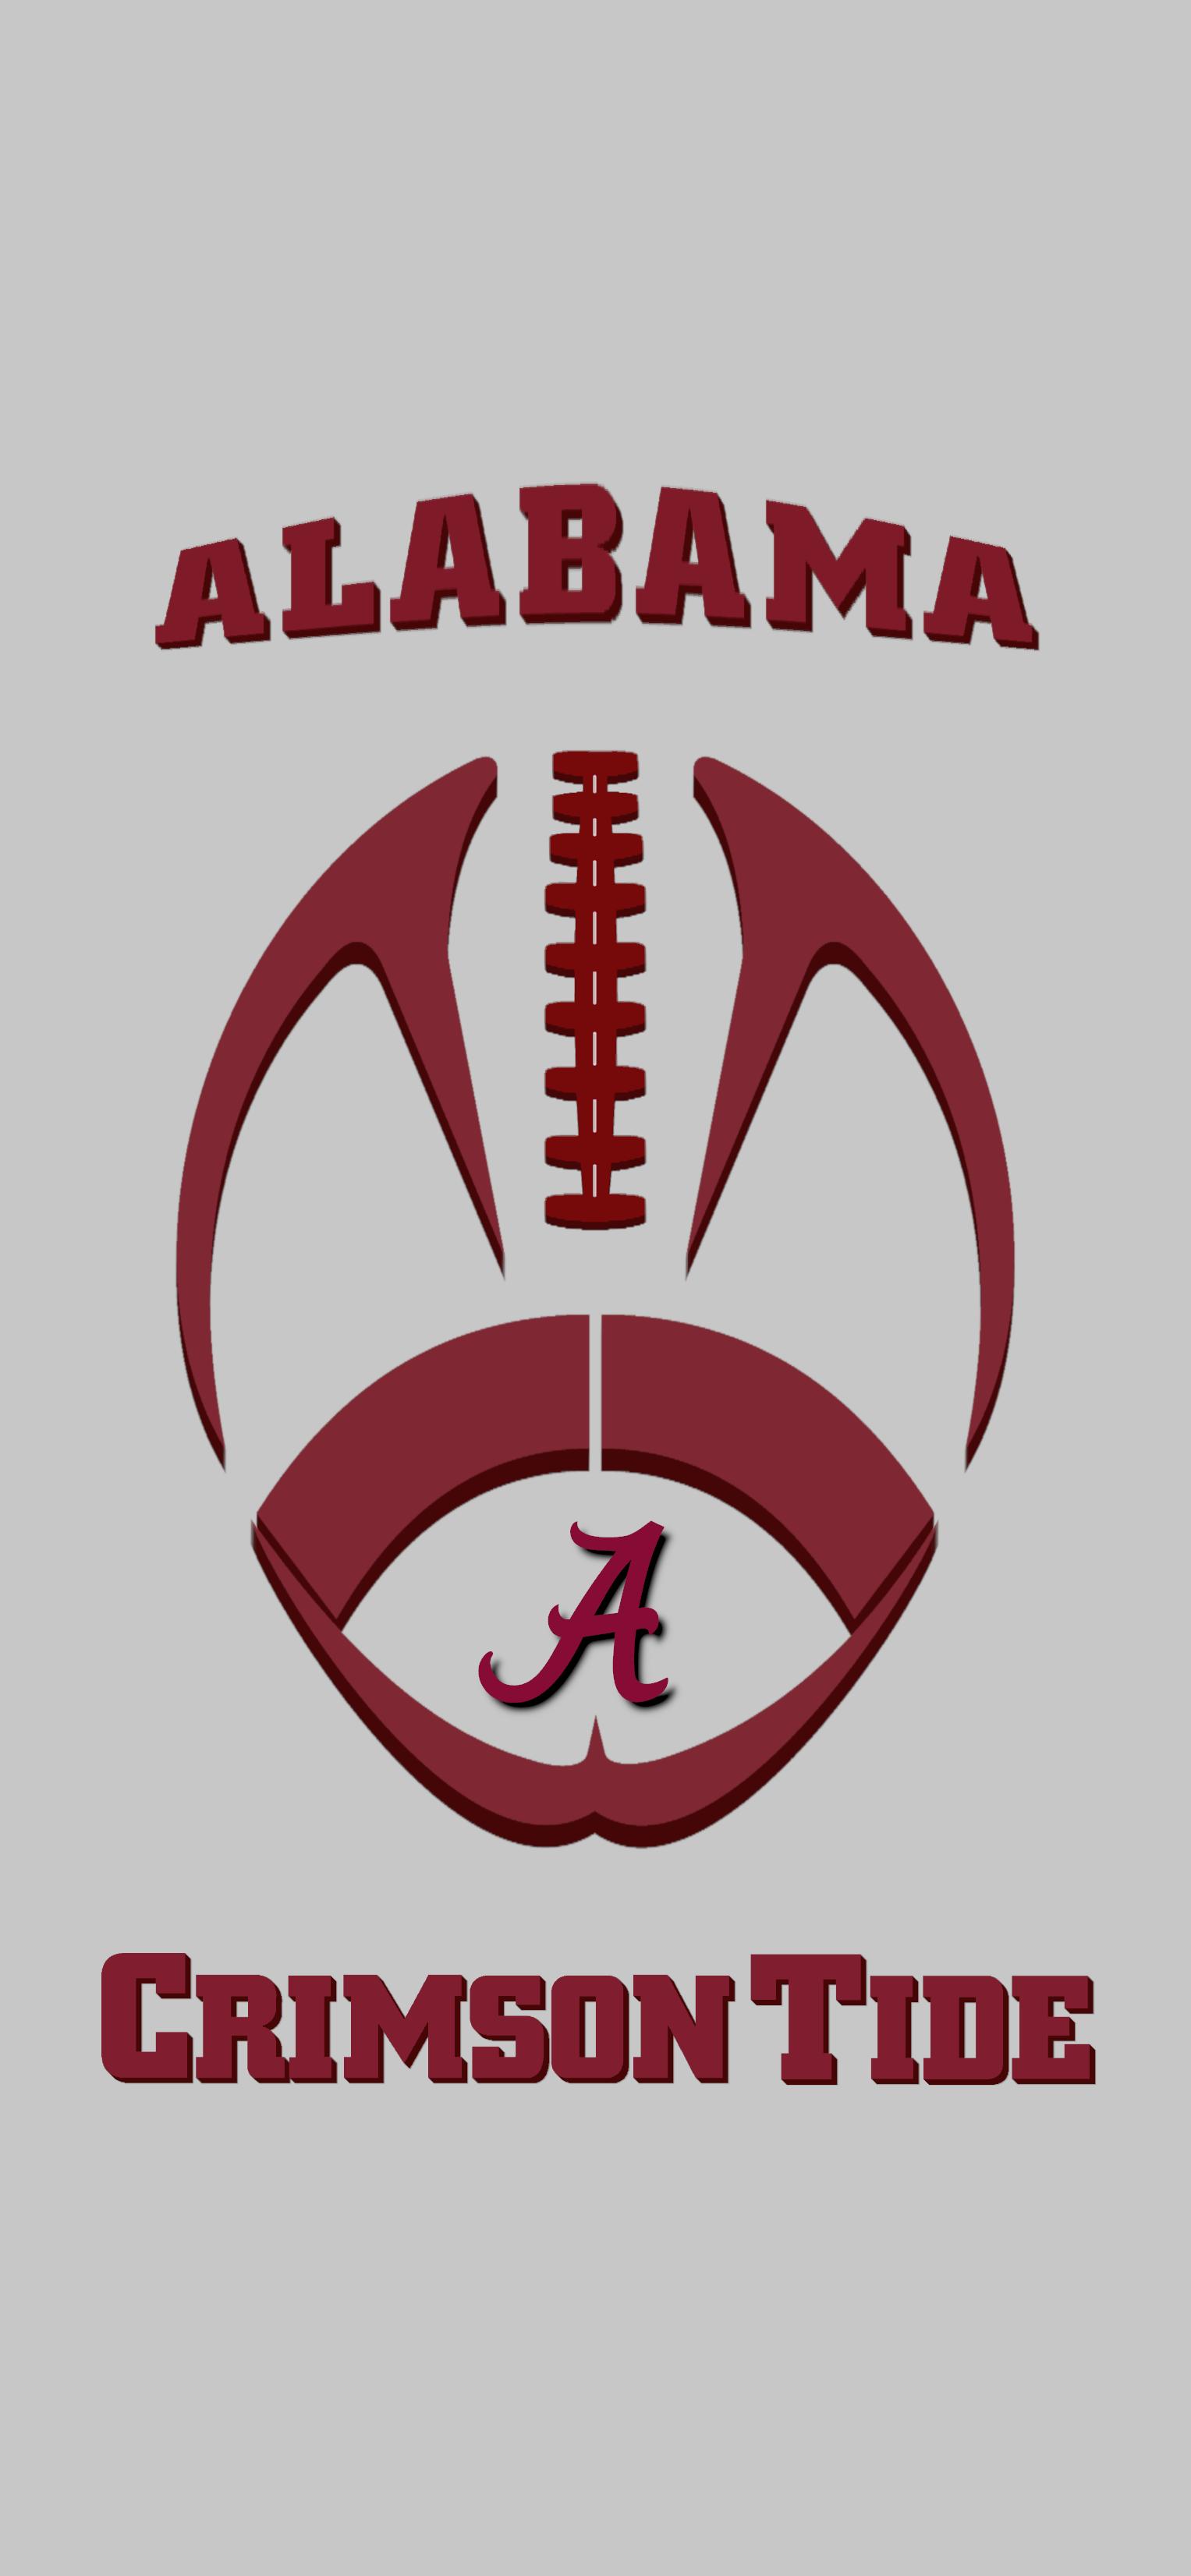 Nike White 1 Alabama Crimson Tide Logo Alabama Crimson Tide Roll Tide Football